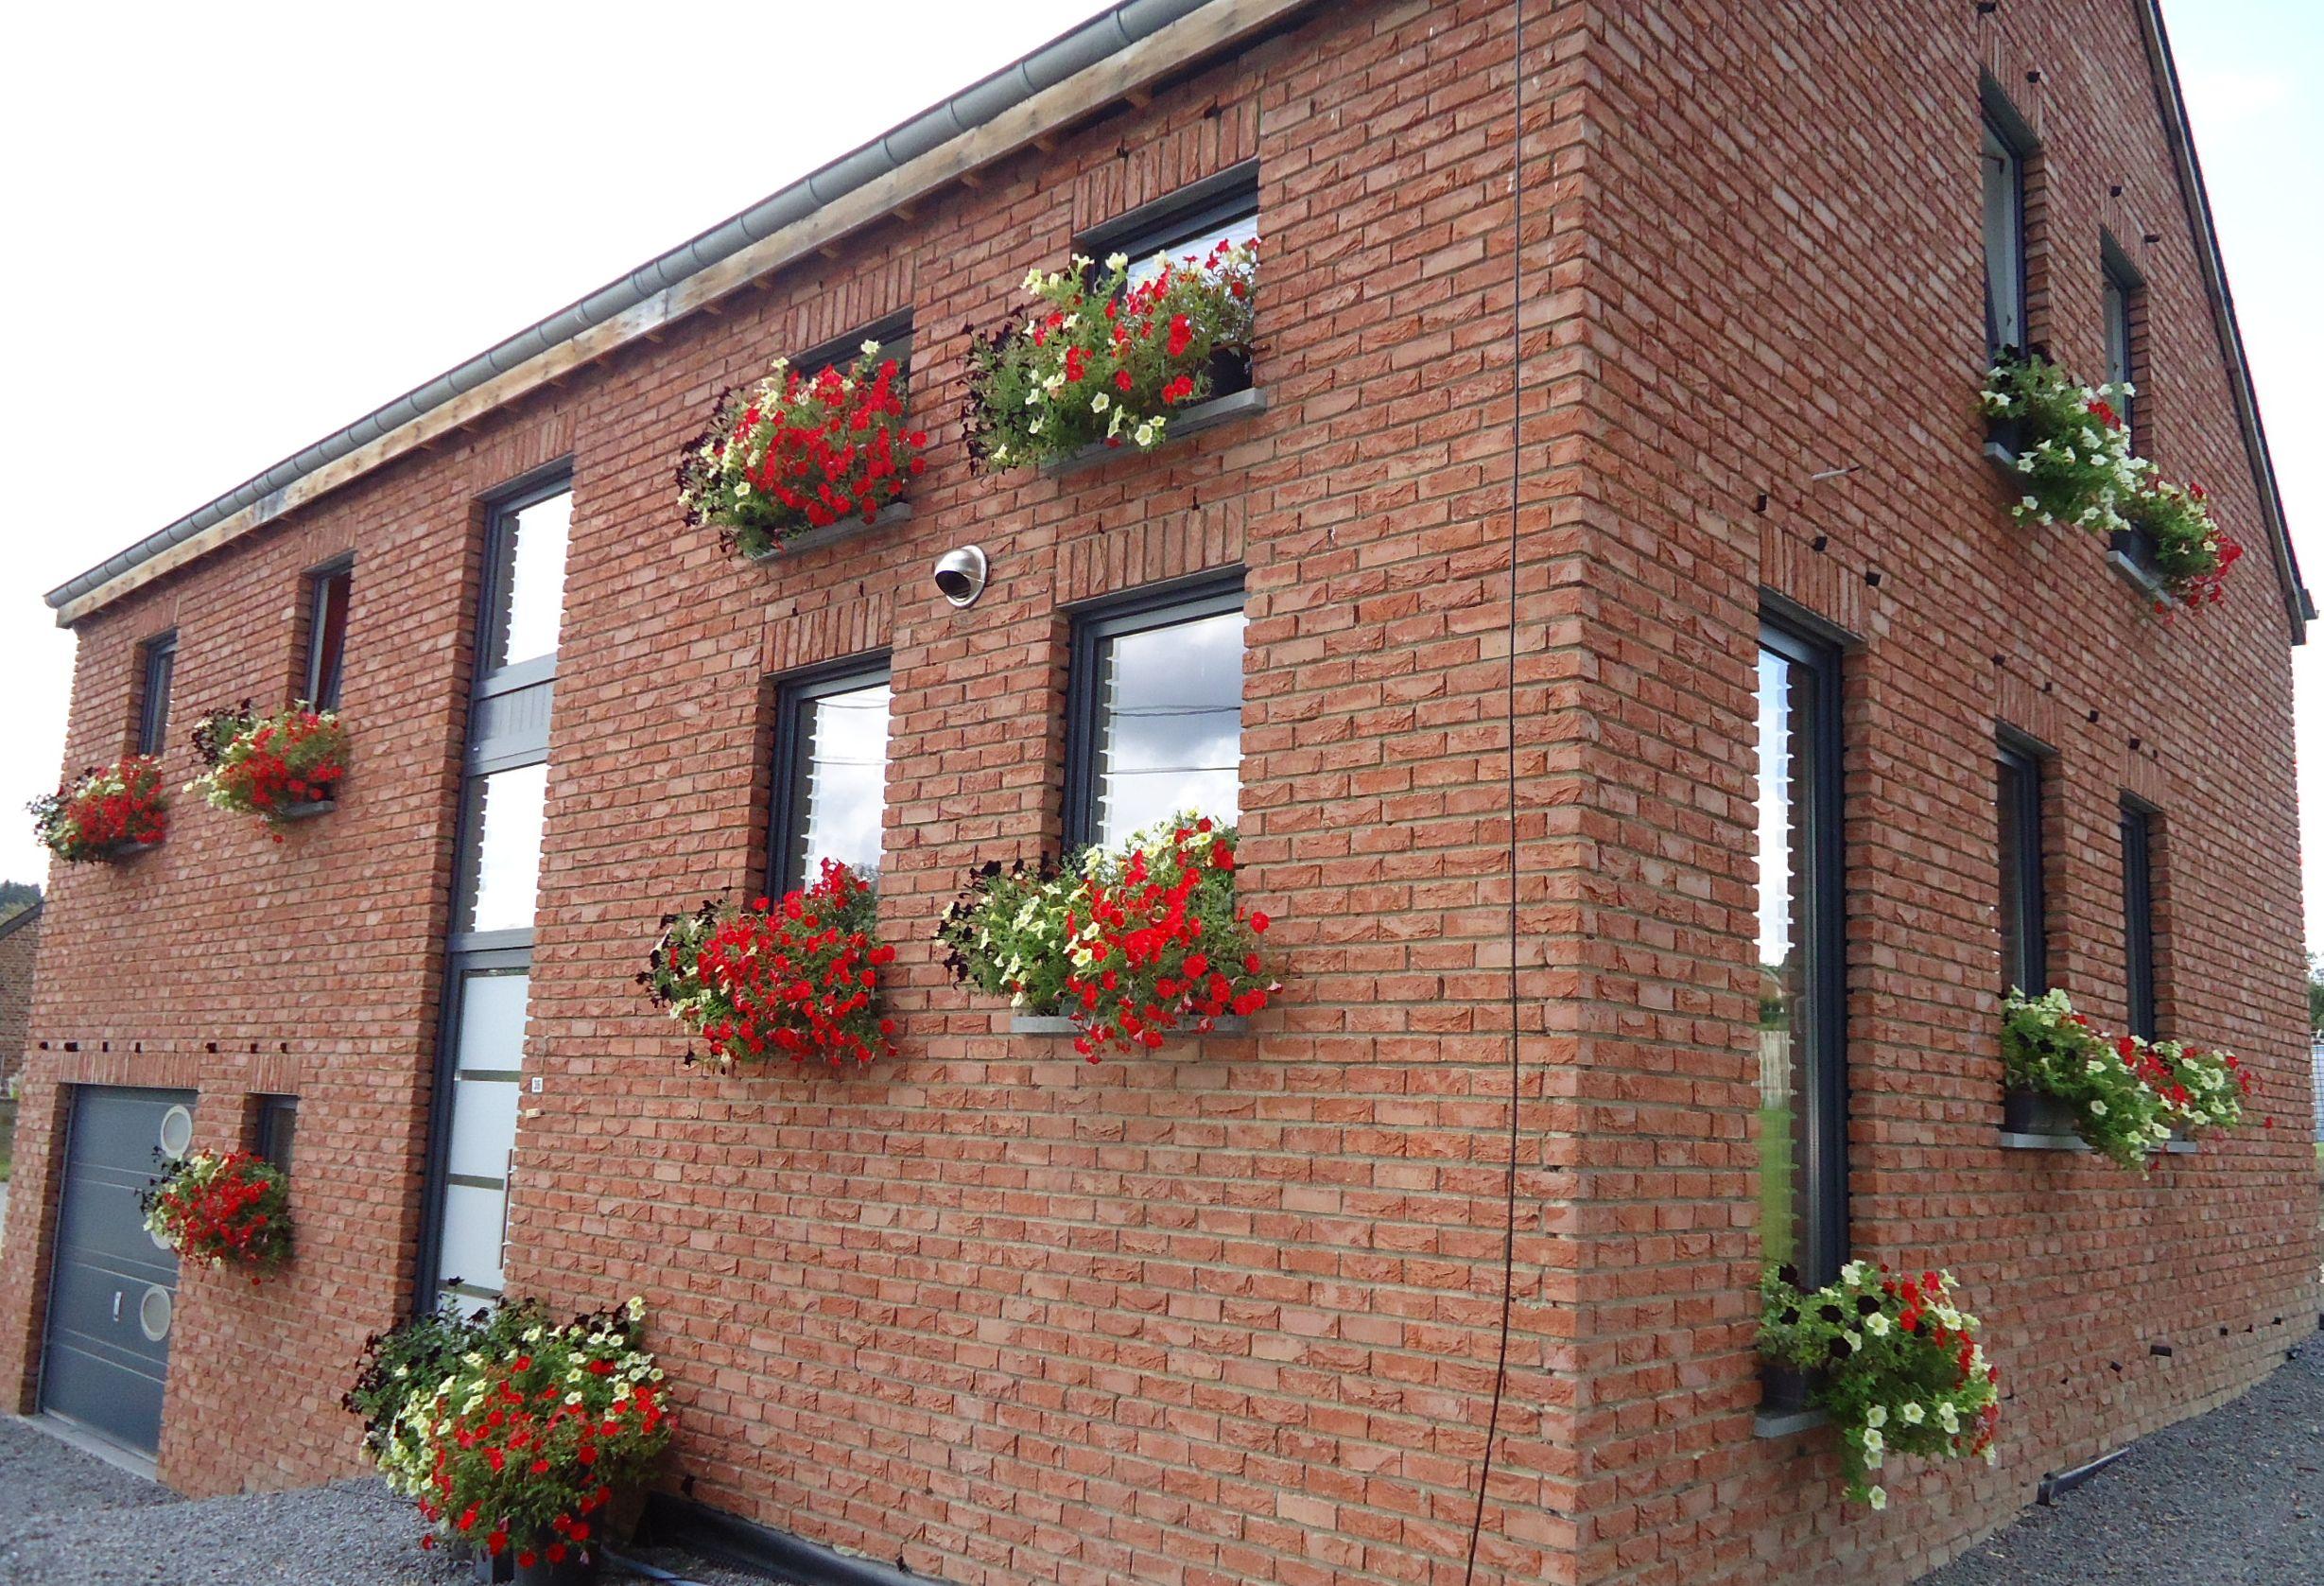 Les plus belles façades et maisons fleuries. | Tourisme | Ville de ...